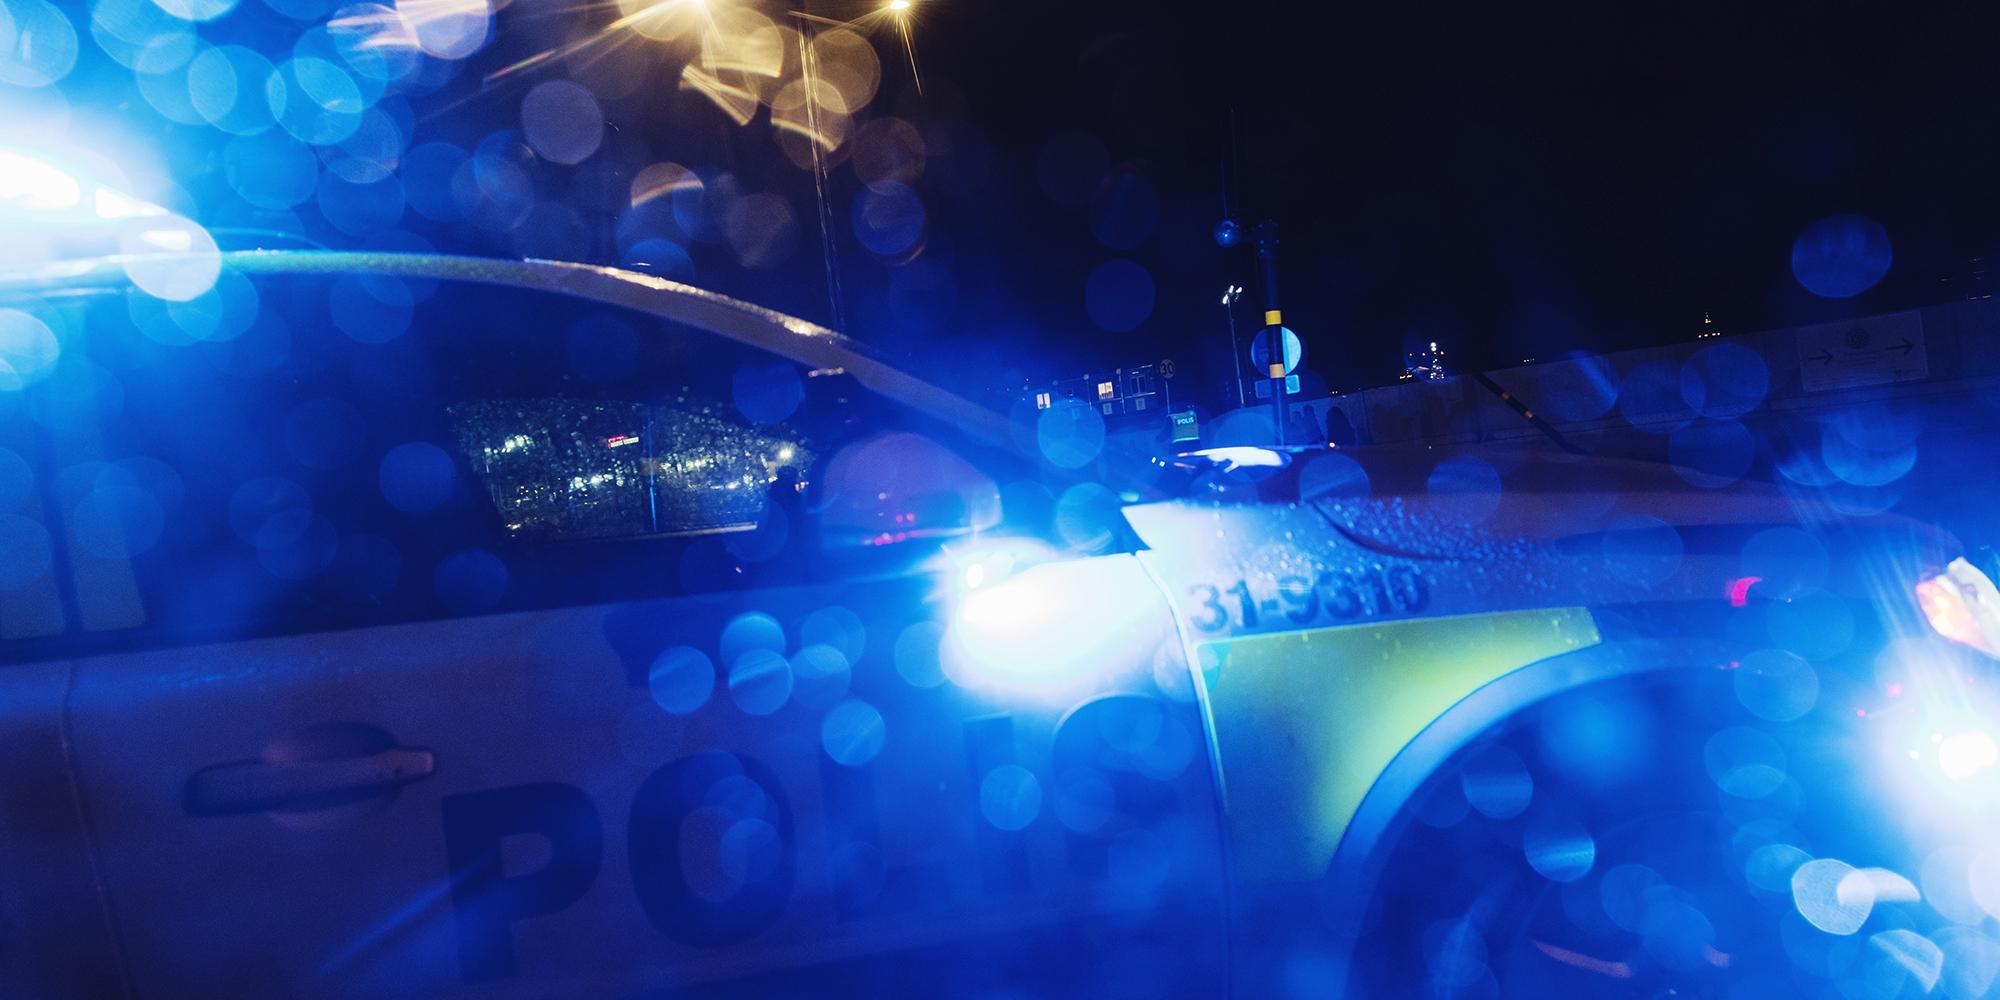 NATTENS NYHETER: Tjuv fångades på övervakningskamera • Mobilladdare exploderade i vägguttag • Person fastnade i hiss